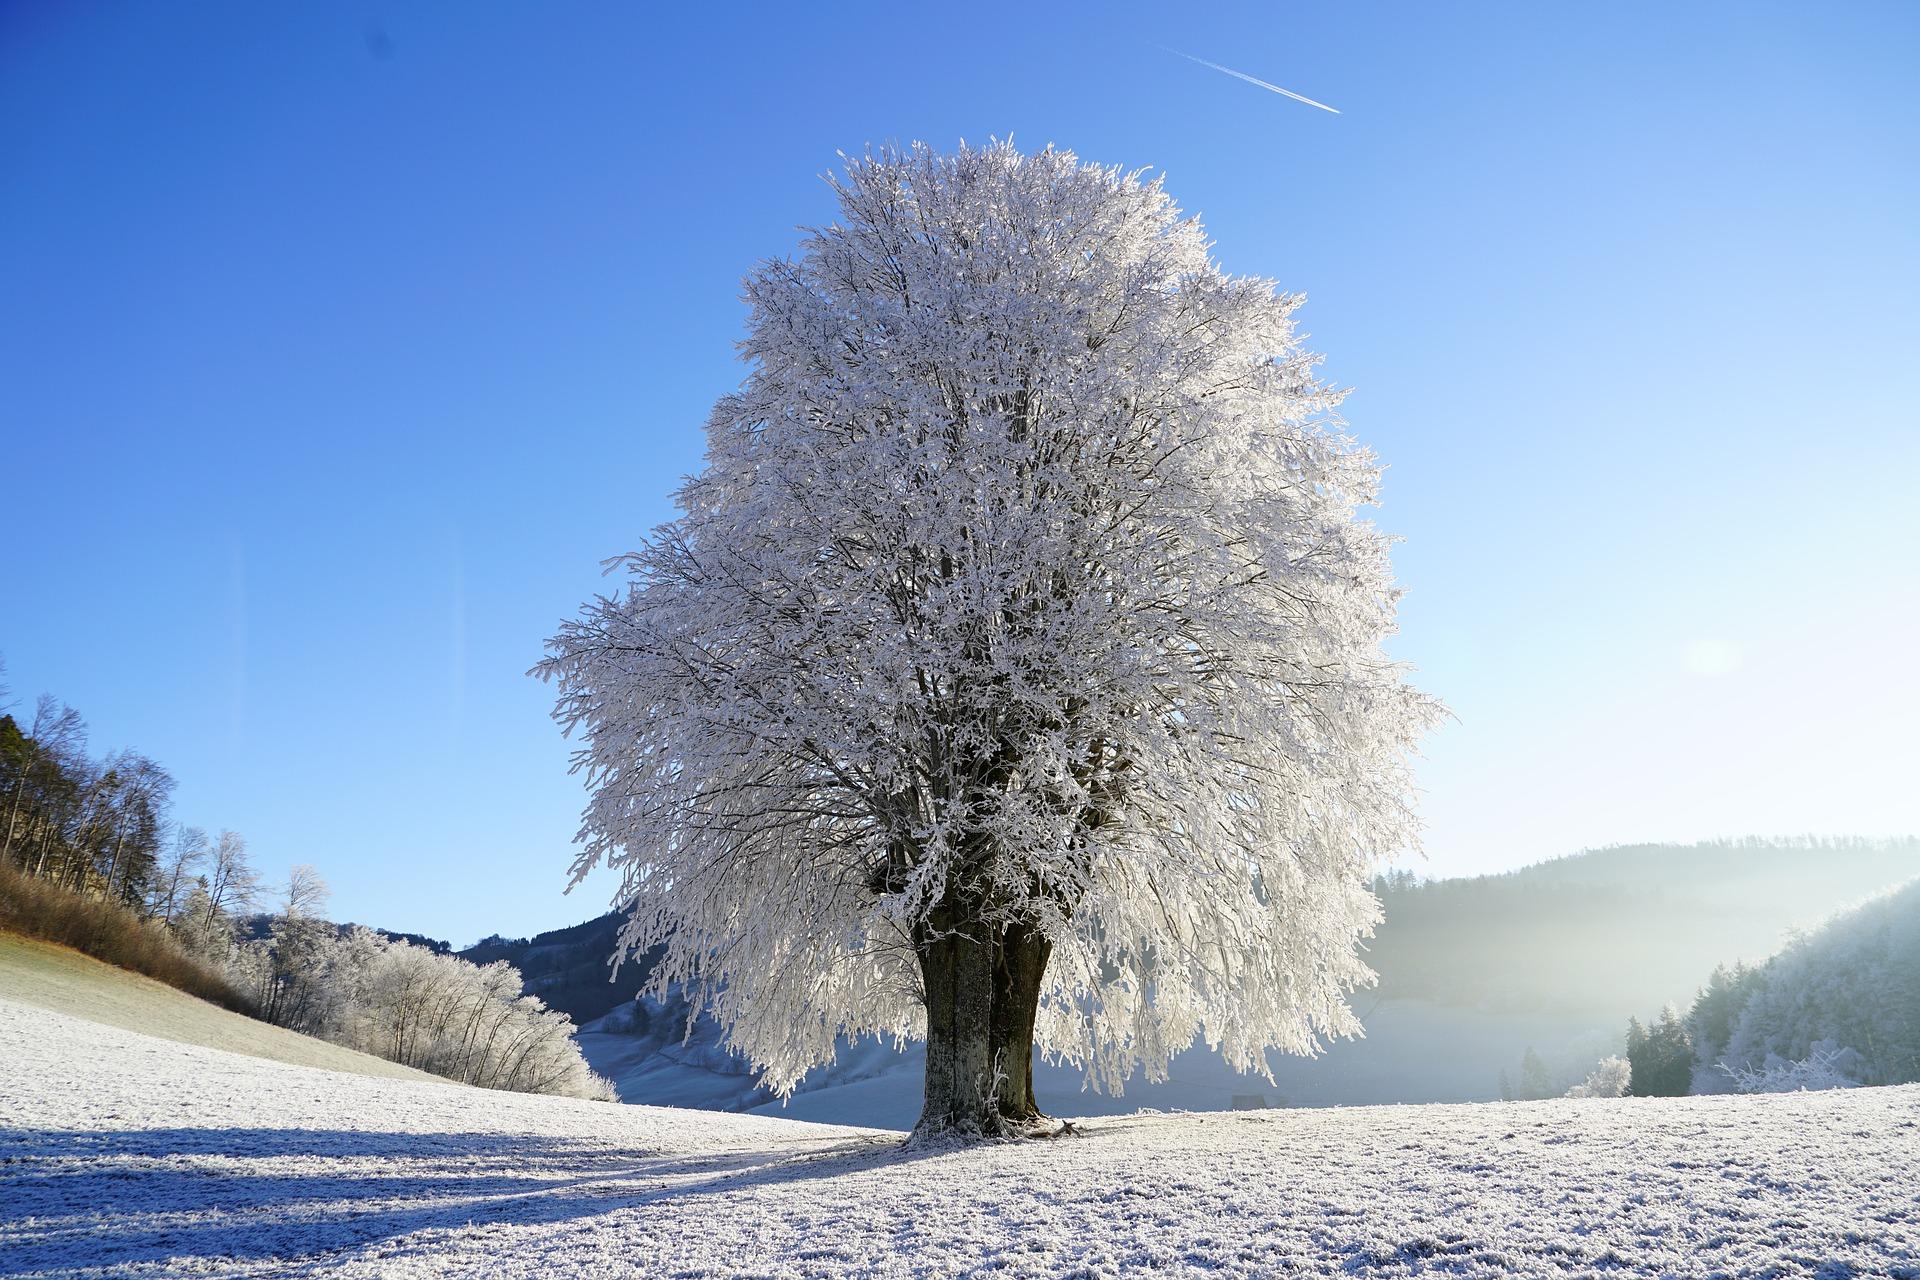 Im Zwiebellook gegen die Kälte